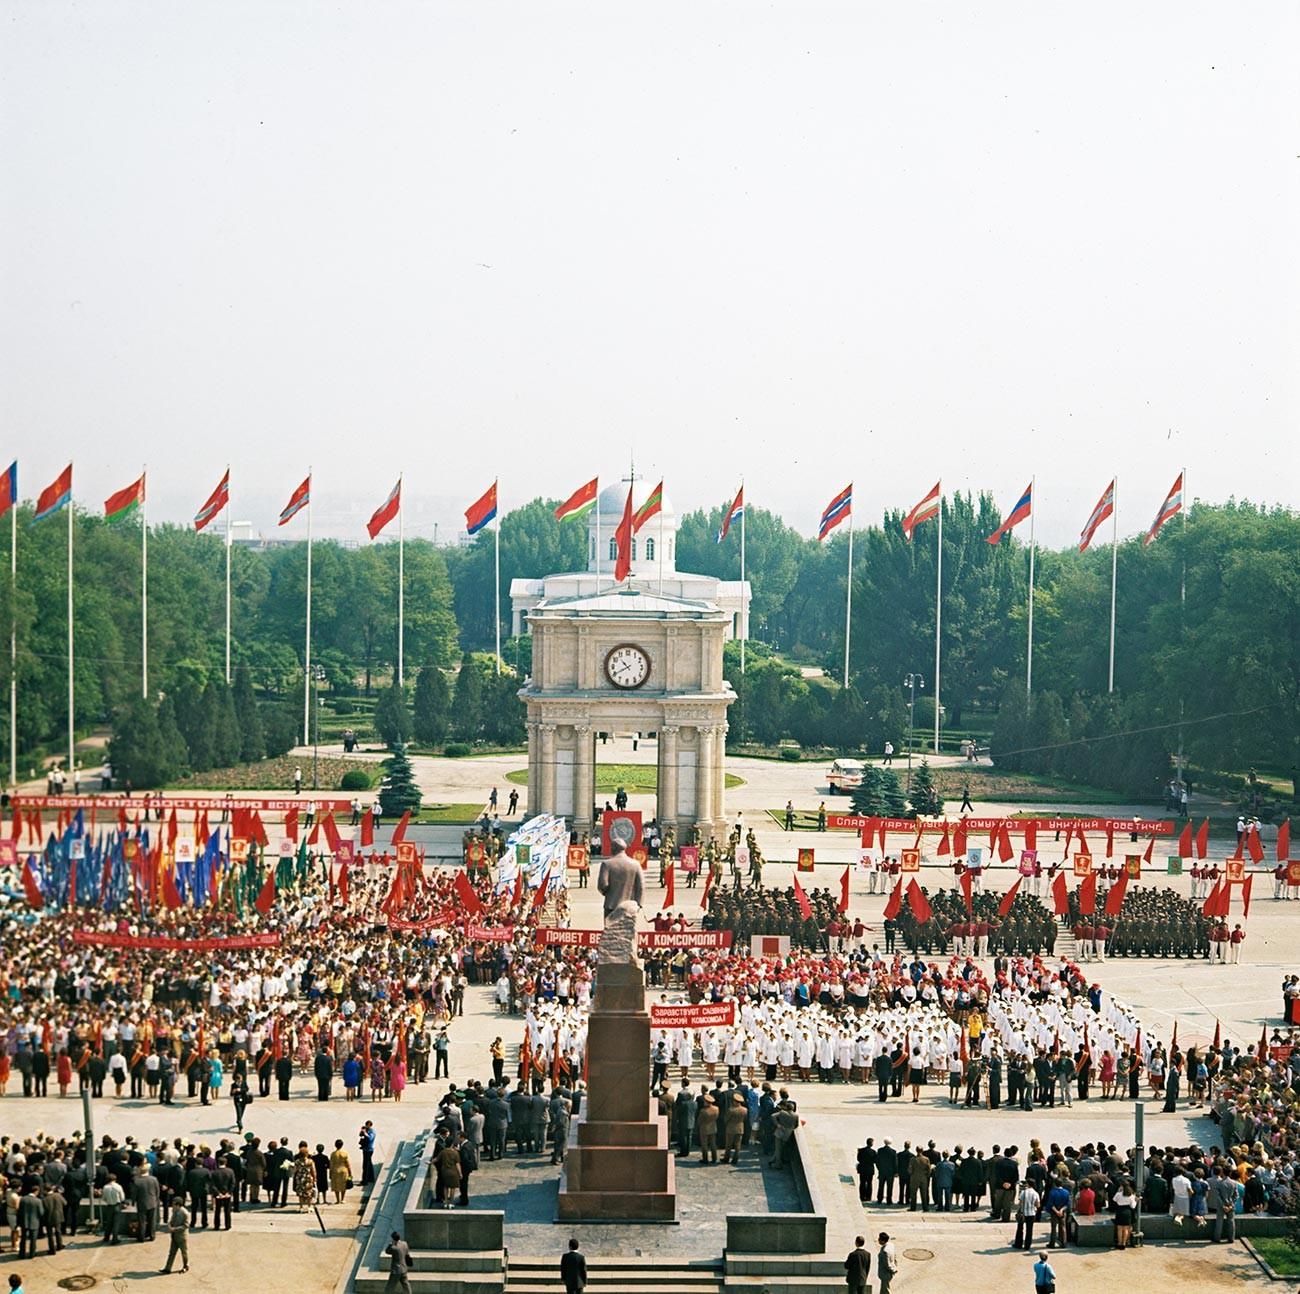 Celebración del Día de la Victoria en la Plaza de la Victoria en Chisinau, 1976